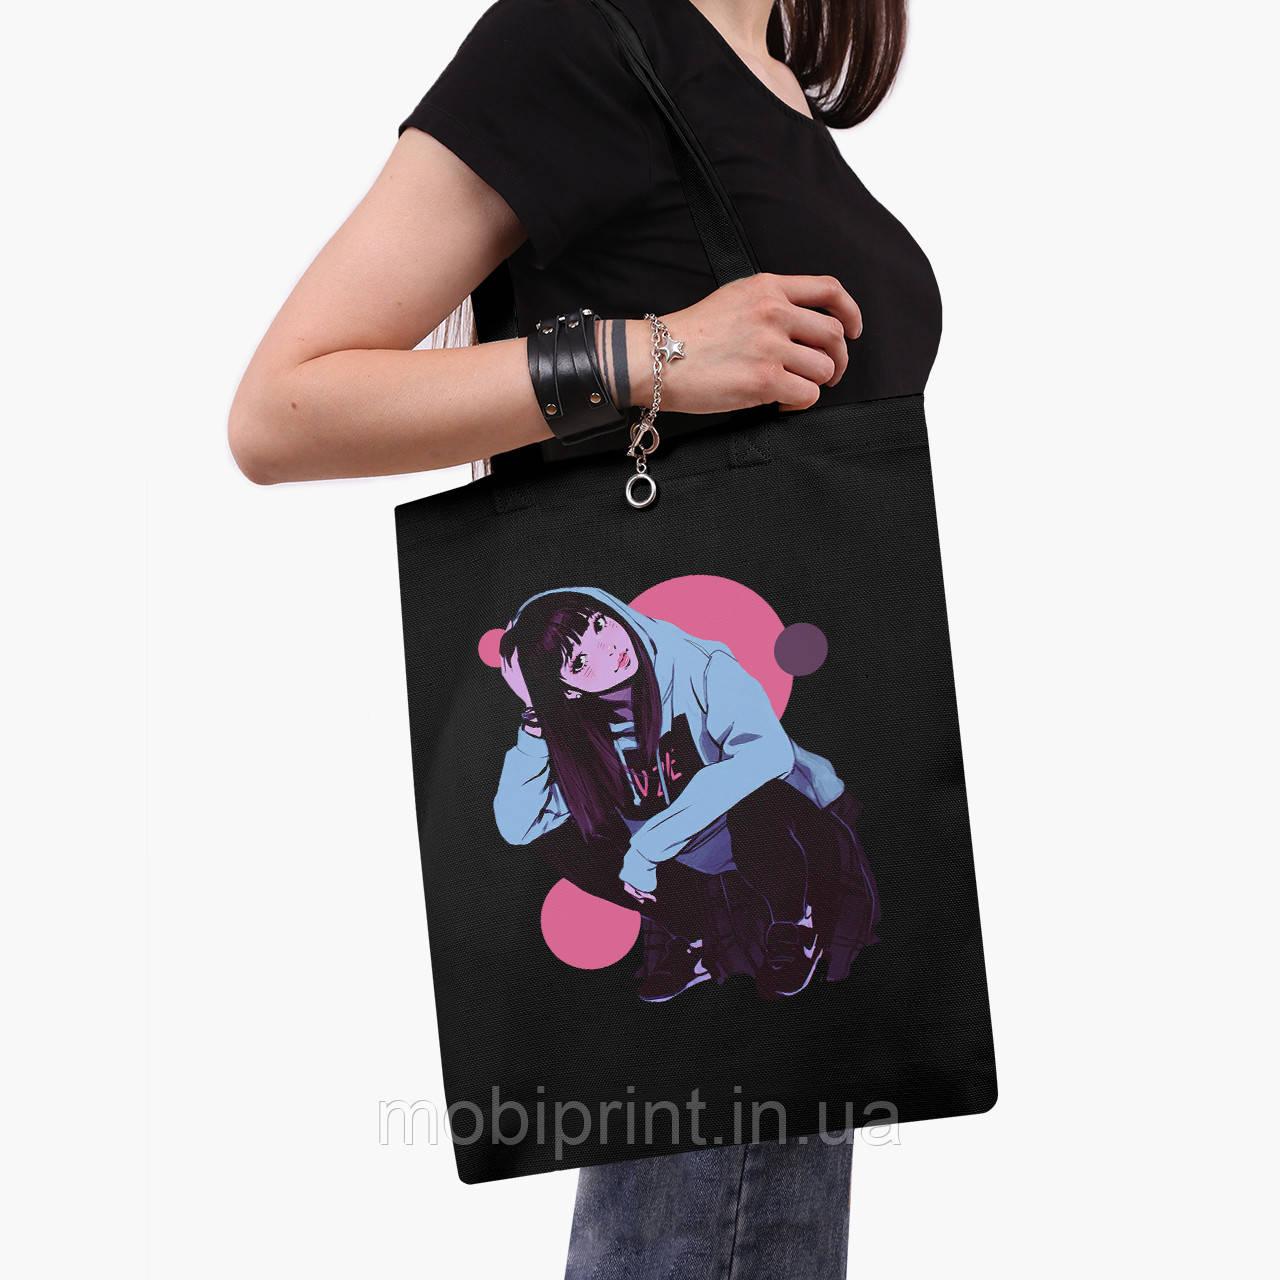 Эко сумка шоппер черная Девушка (Girl) (9227-2836-2)  41*35 см